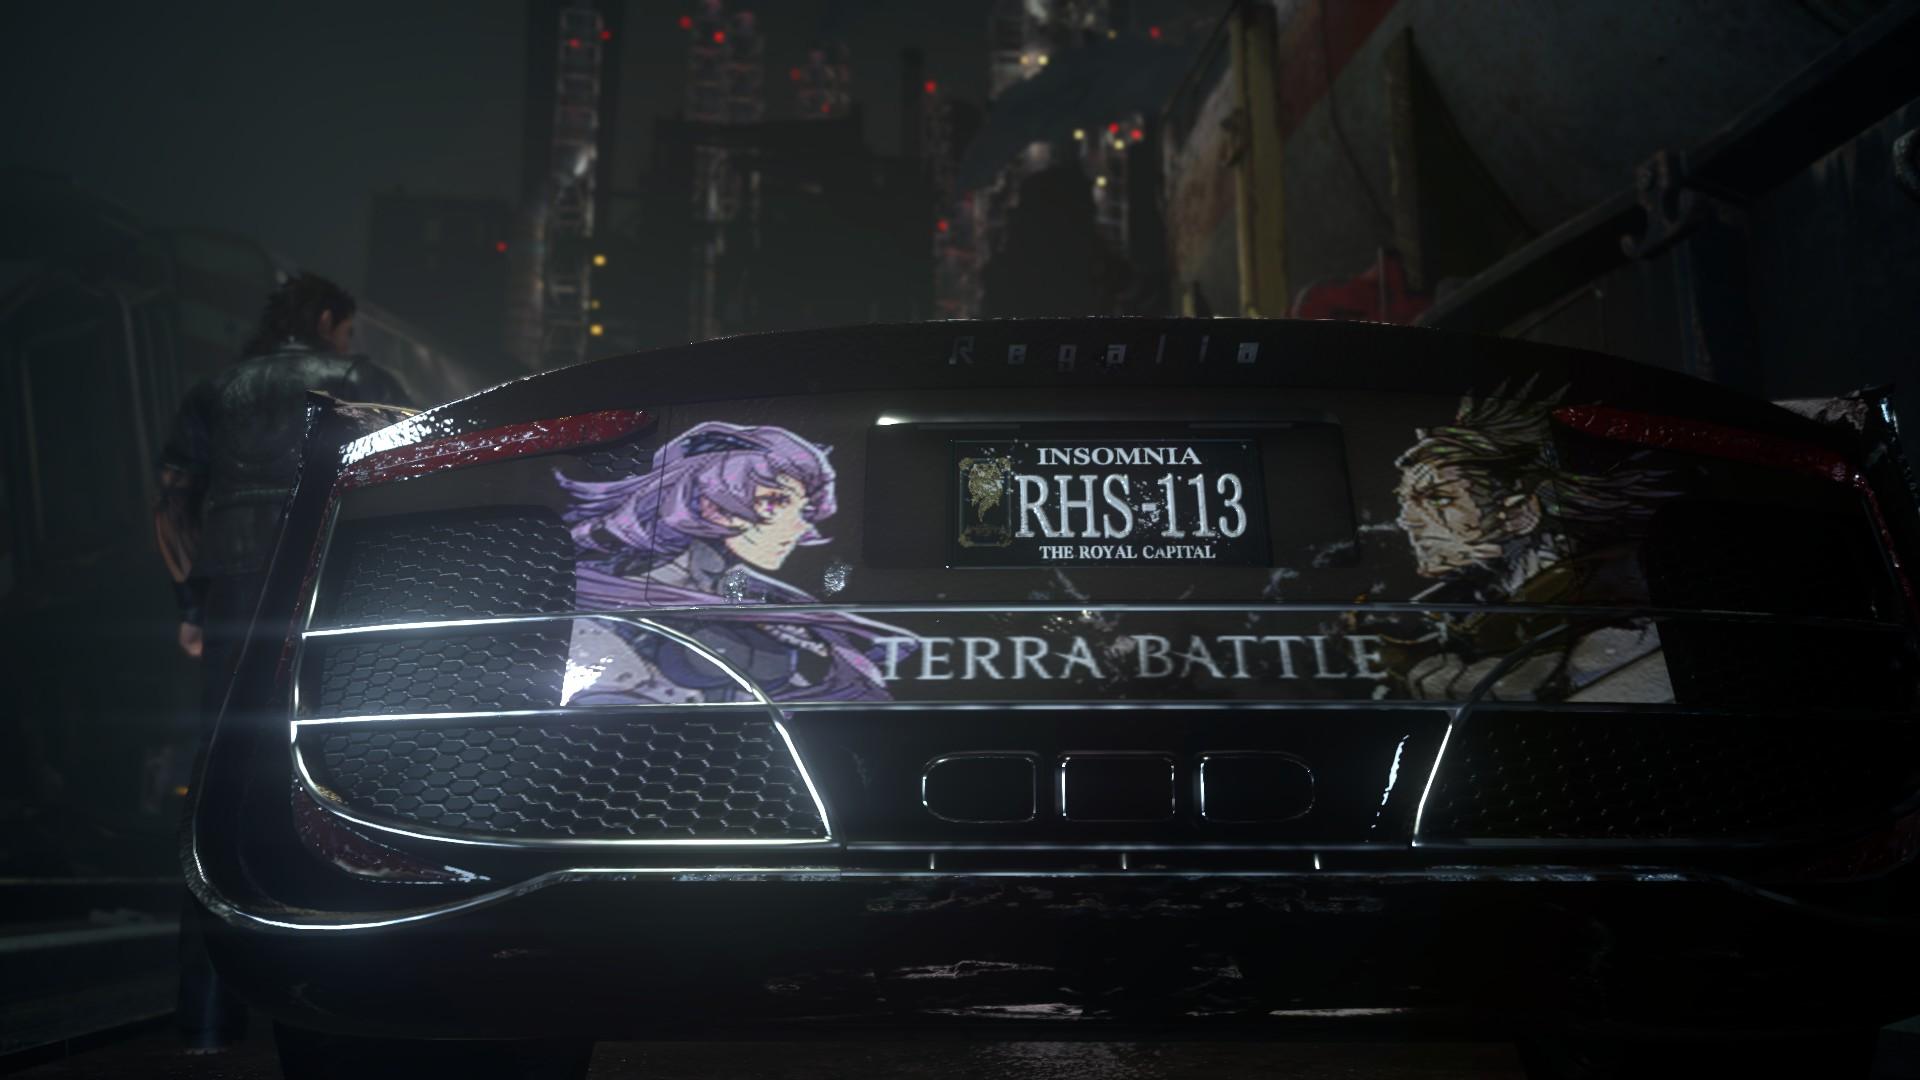 20181002133852_1.jpg - Final Fantasy 15